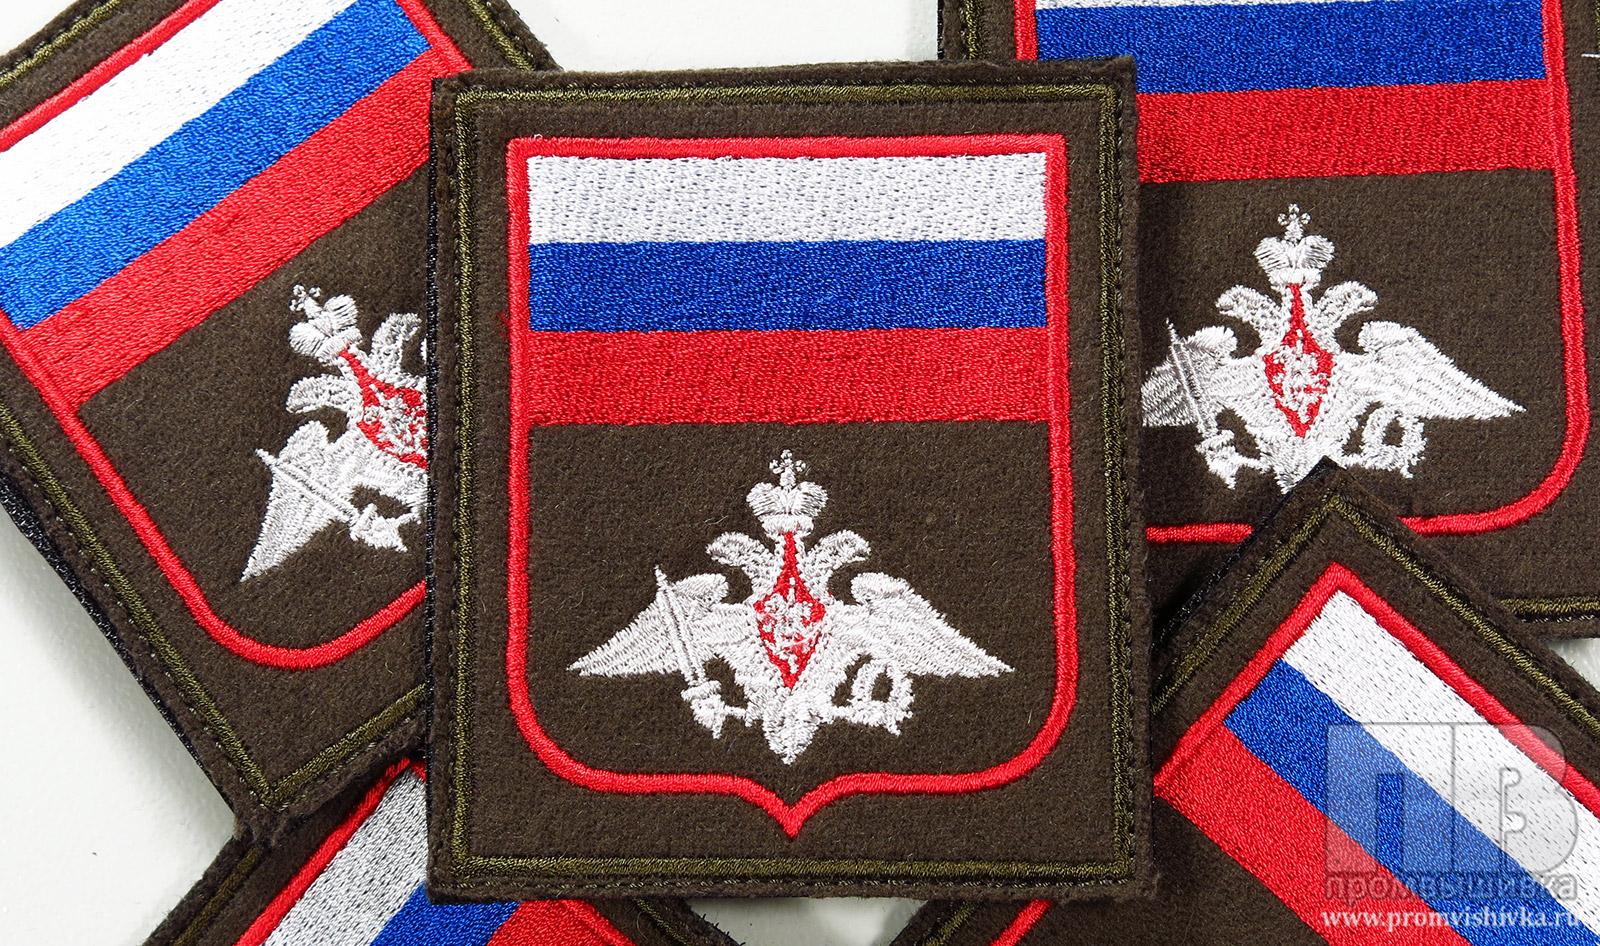 Шевроны российской армии нового образца каталог